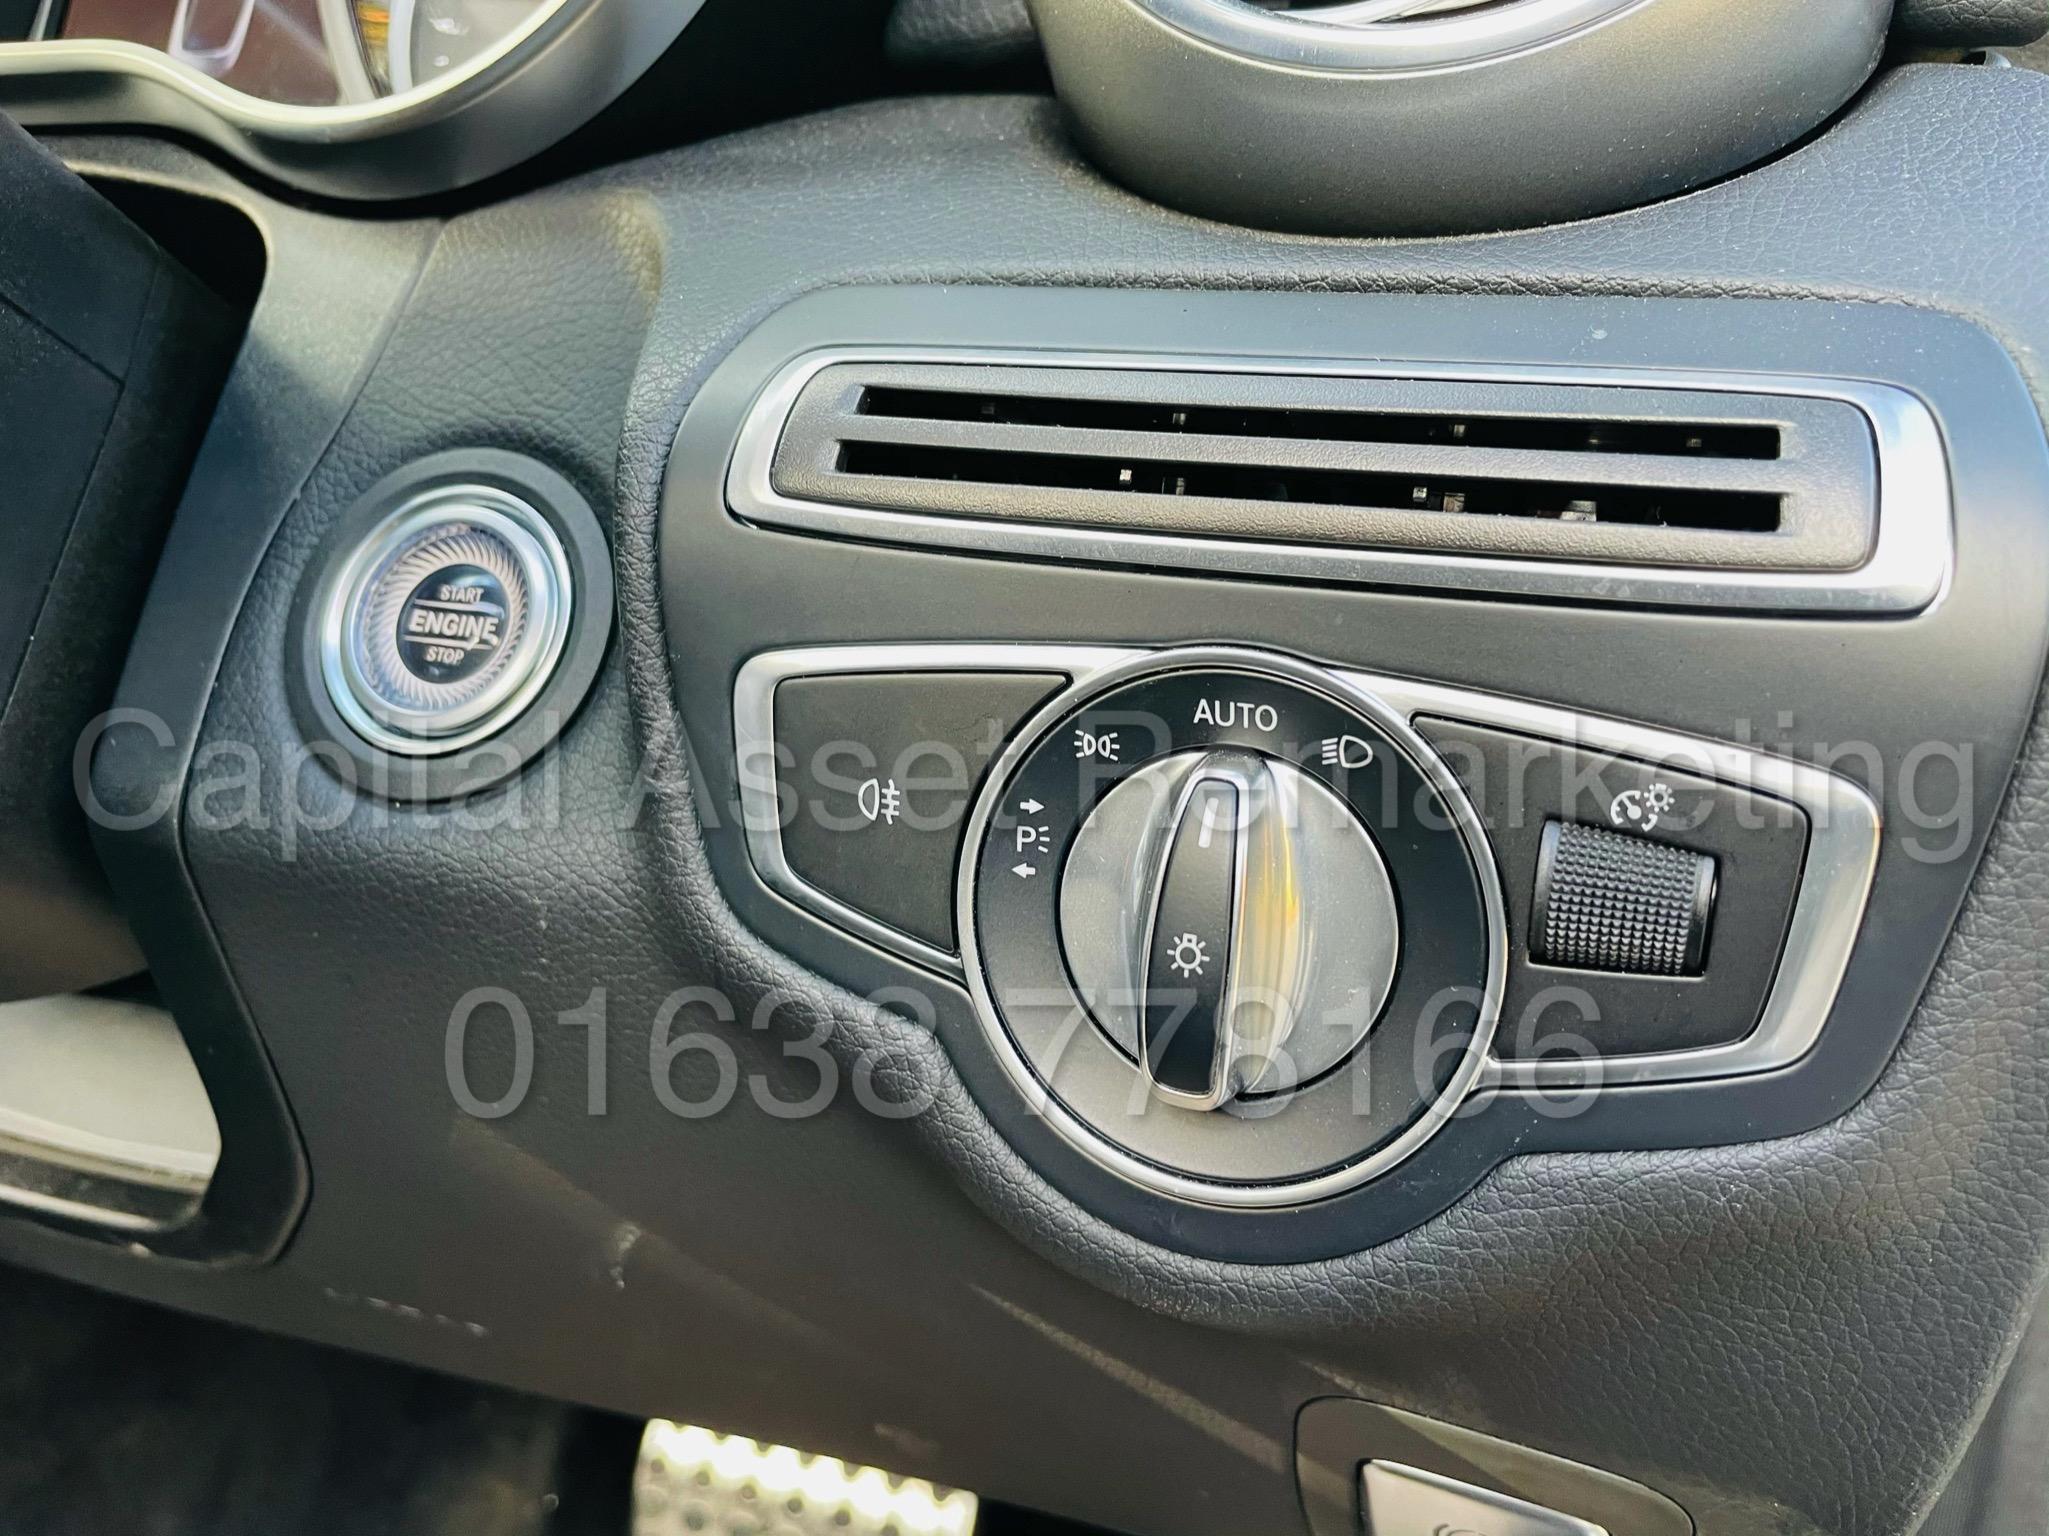 (On Sale) MERCEDES-BENZ C220D *AMG LINE -CABRIOLET* (2019) '9G AUTO - LEATHER - SAT NAV' *HUGE SPEC* - Image 33 of 43